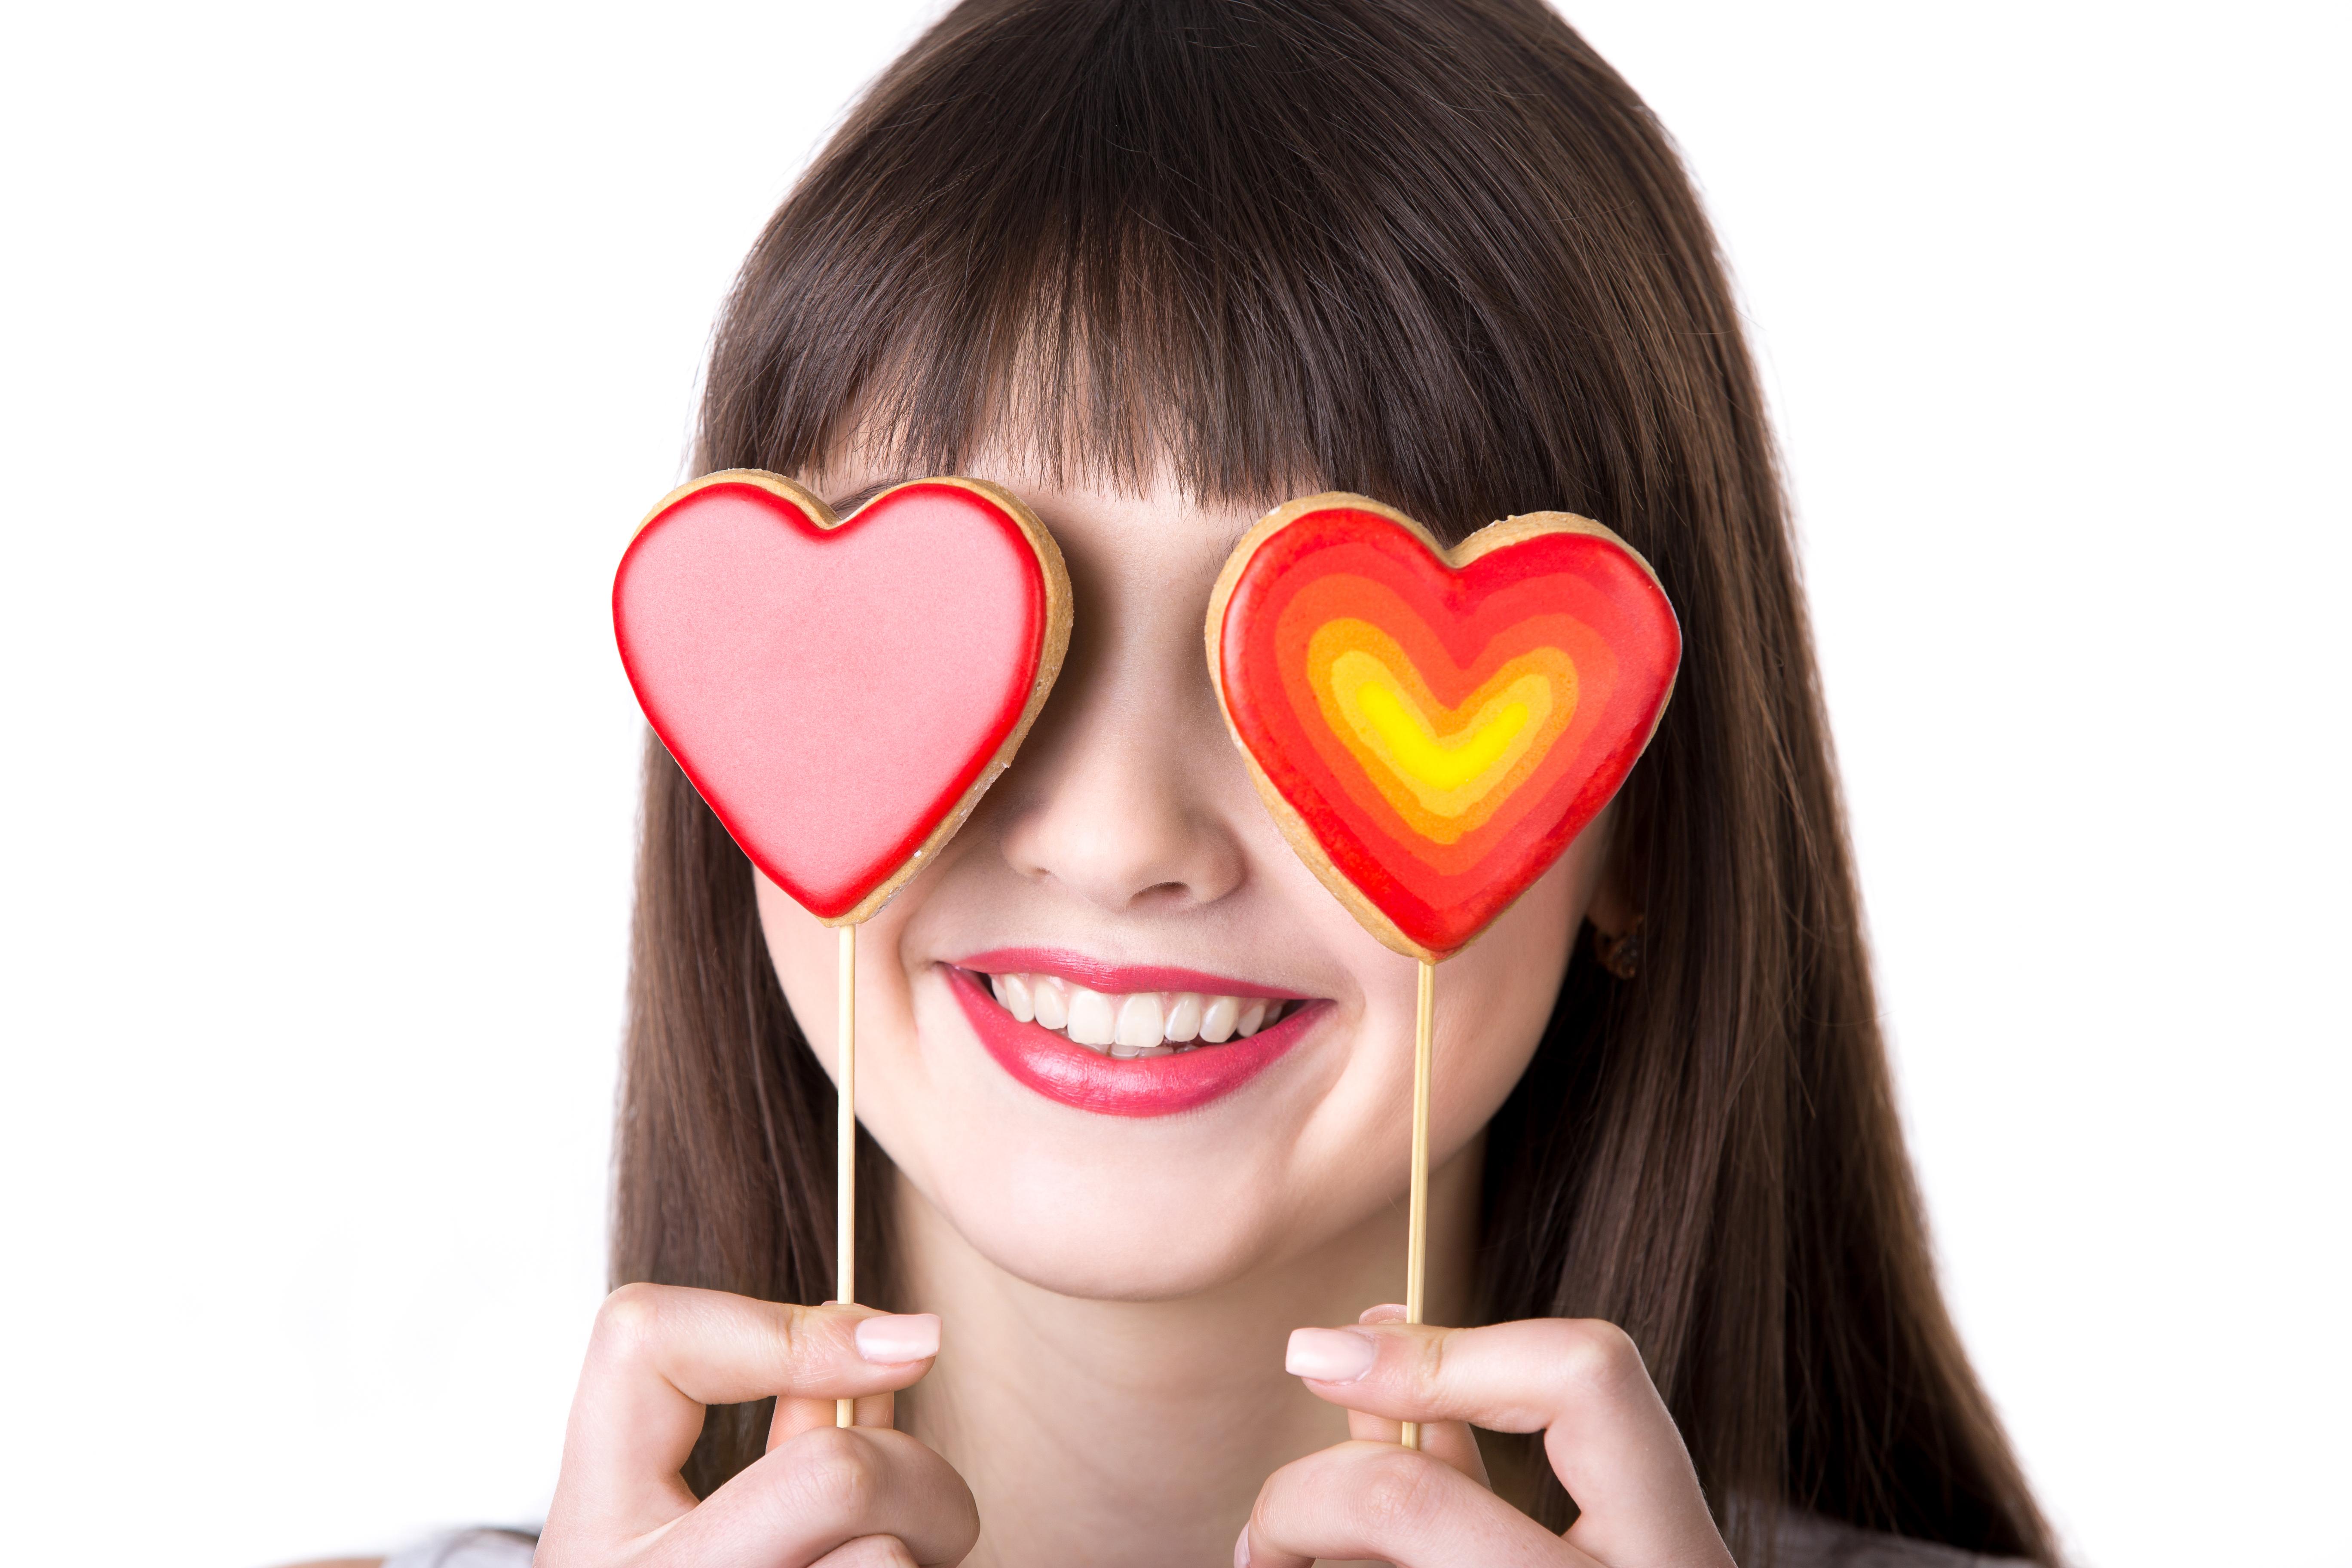 Картинки с сердечками в глазах